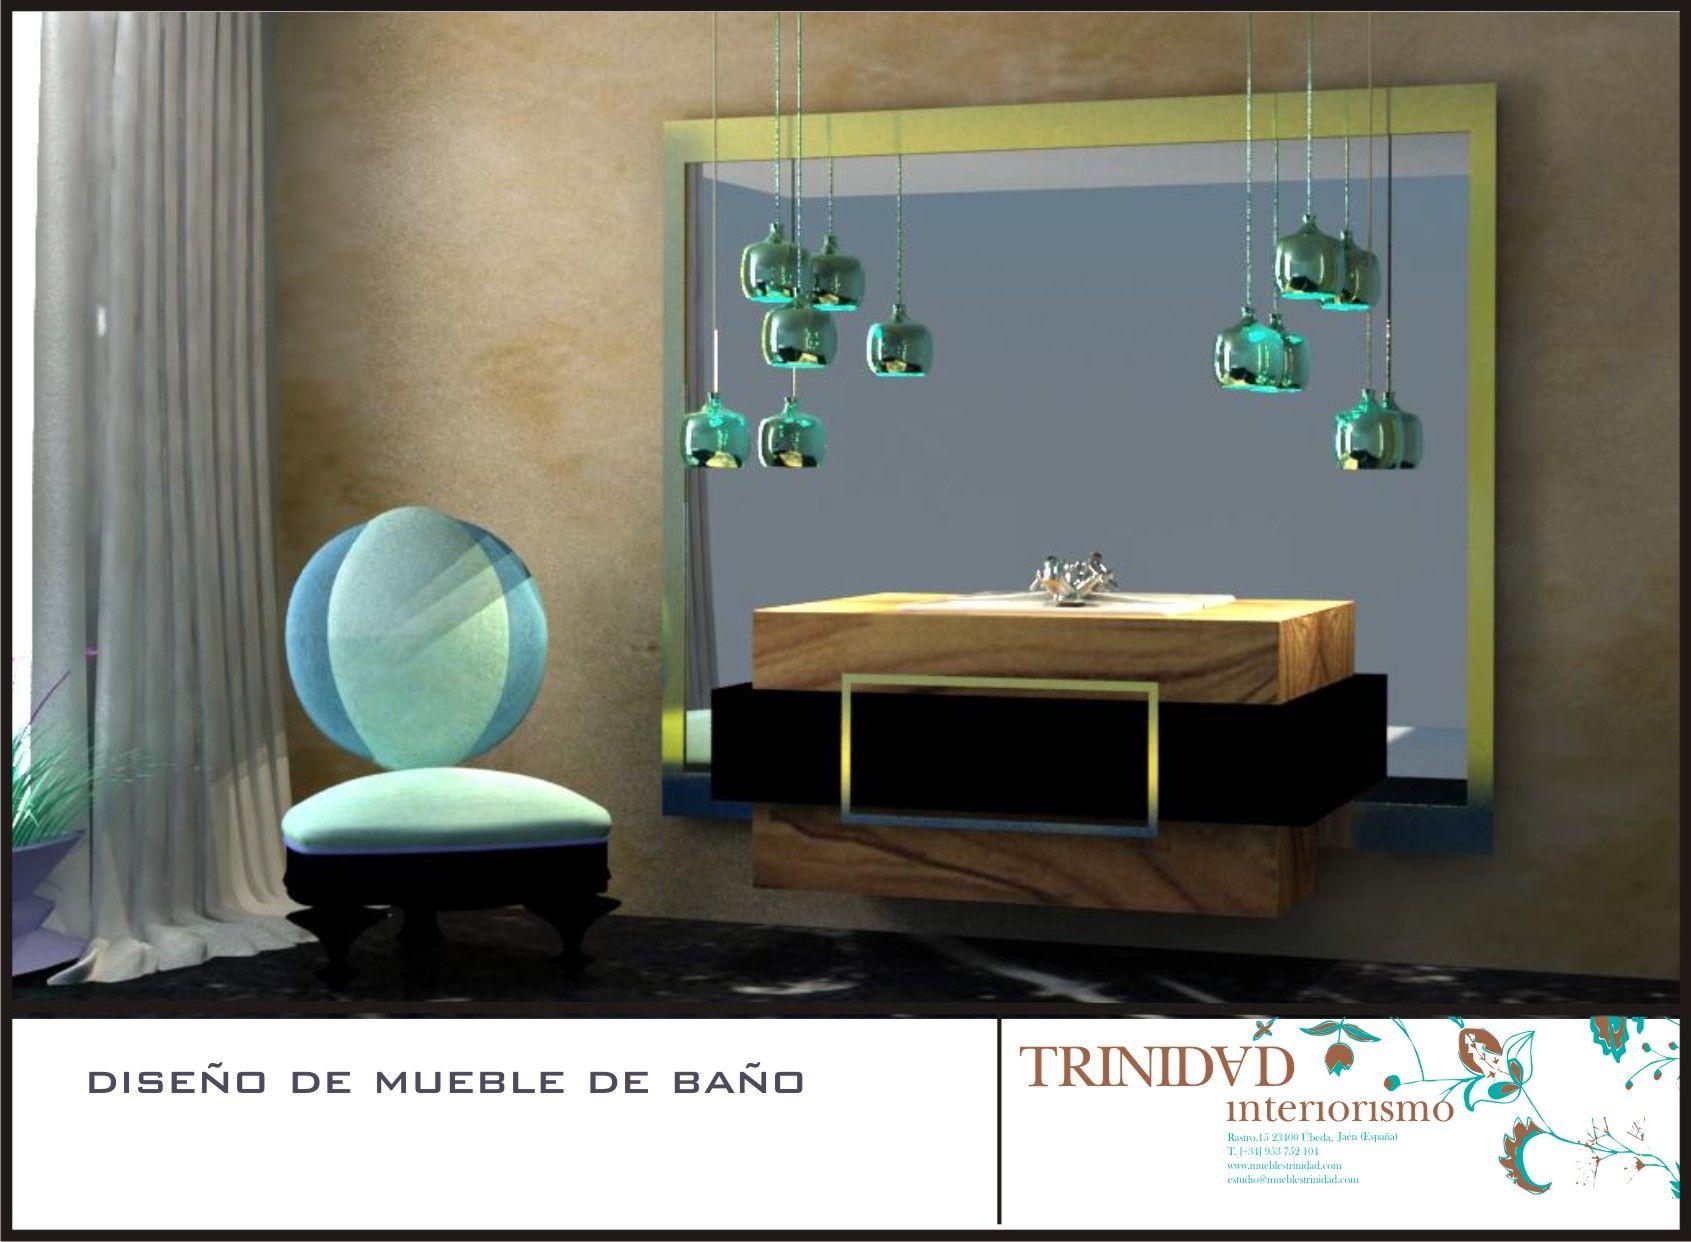 Muebles baño 3D Interiorismo Trinidad 3